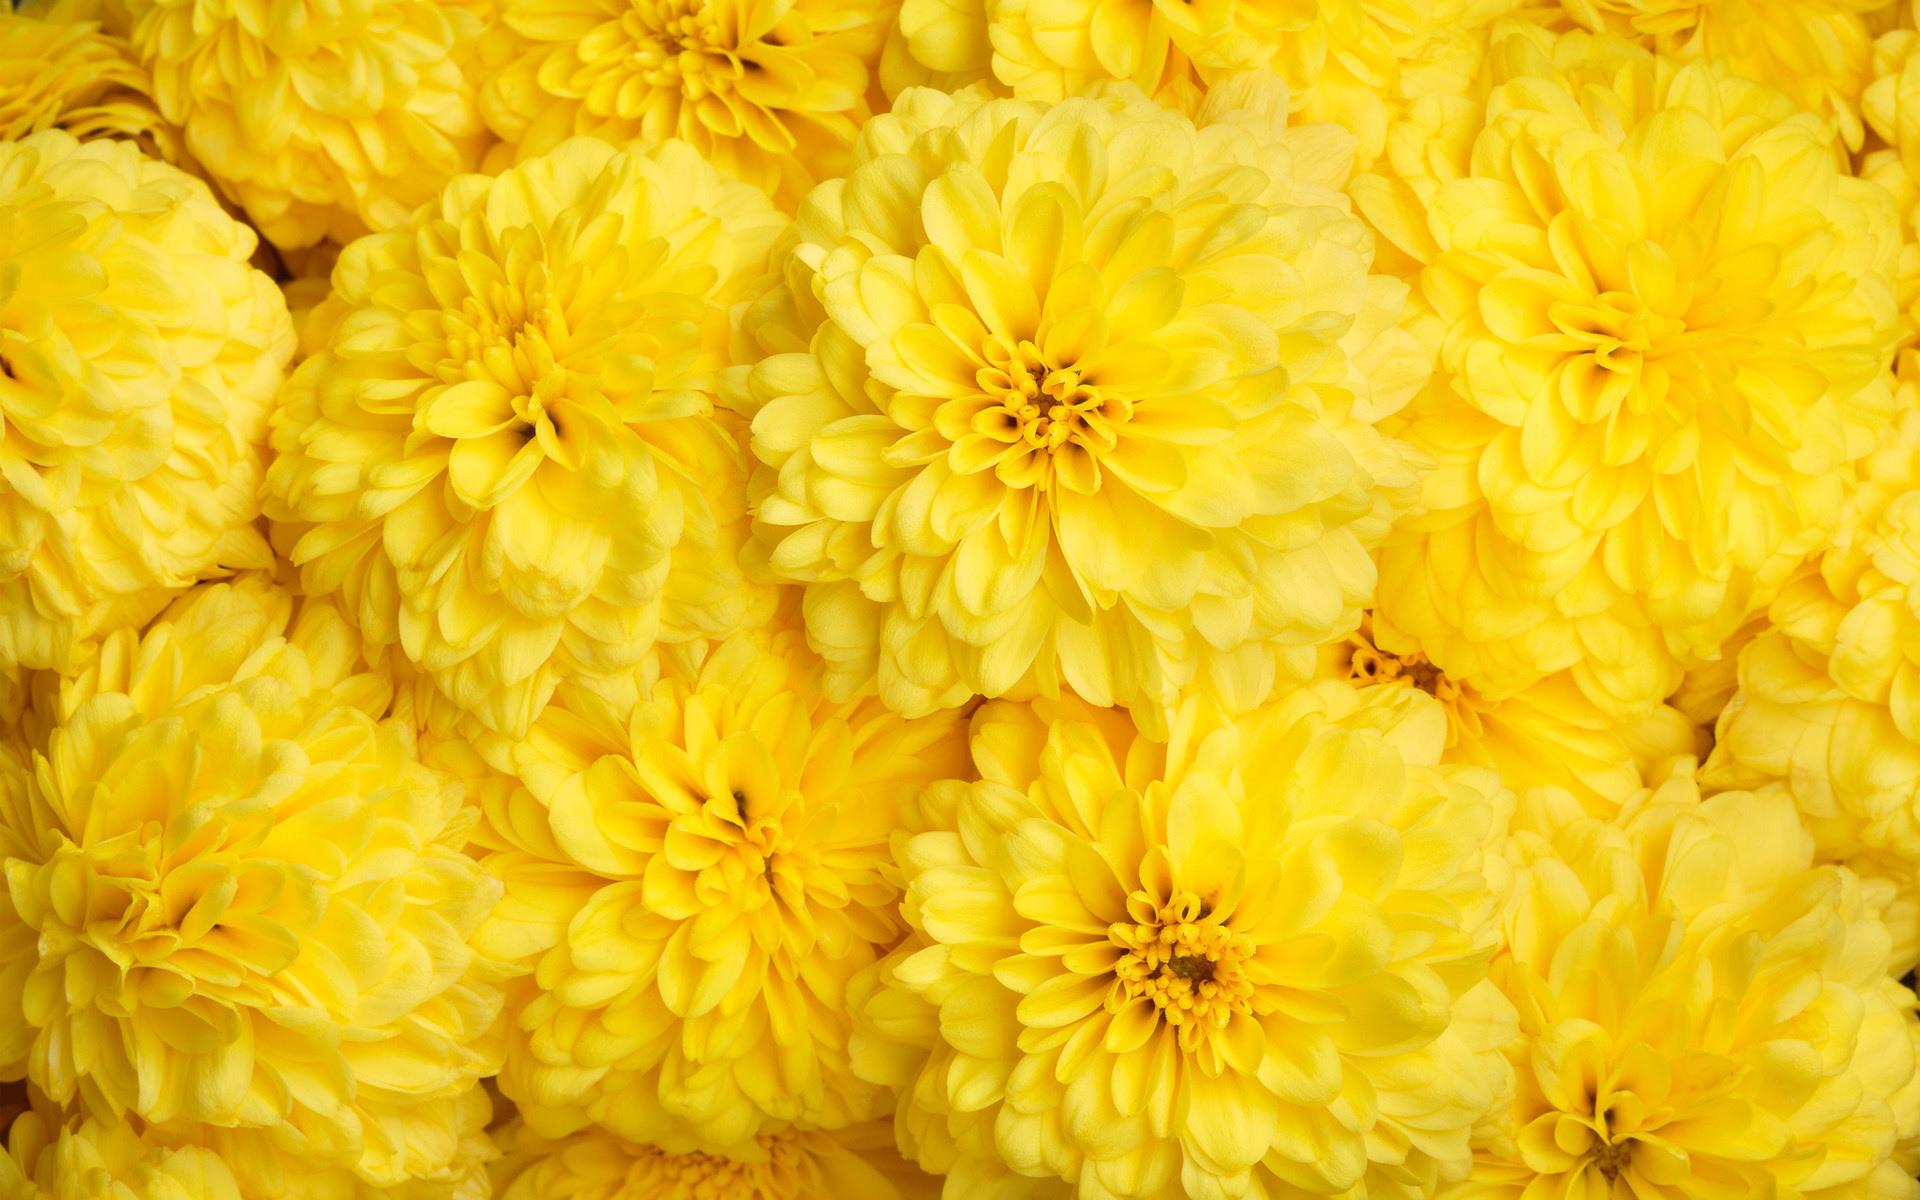 Картинки с желтыми цветом